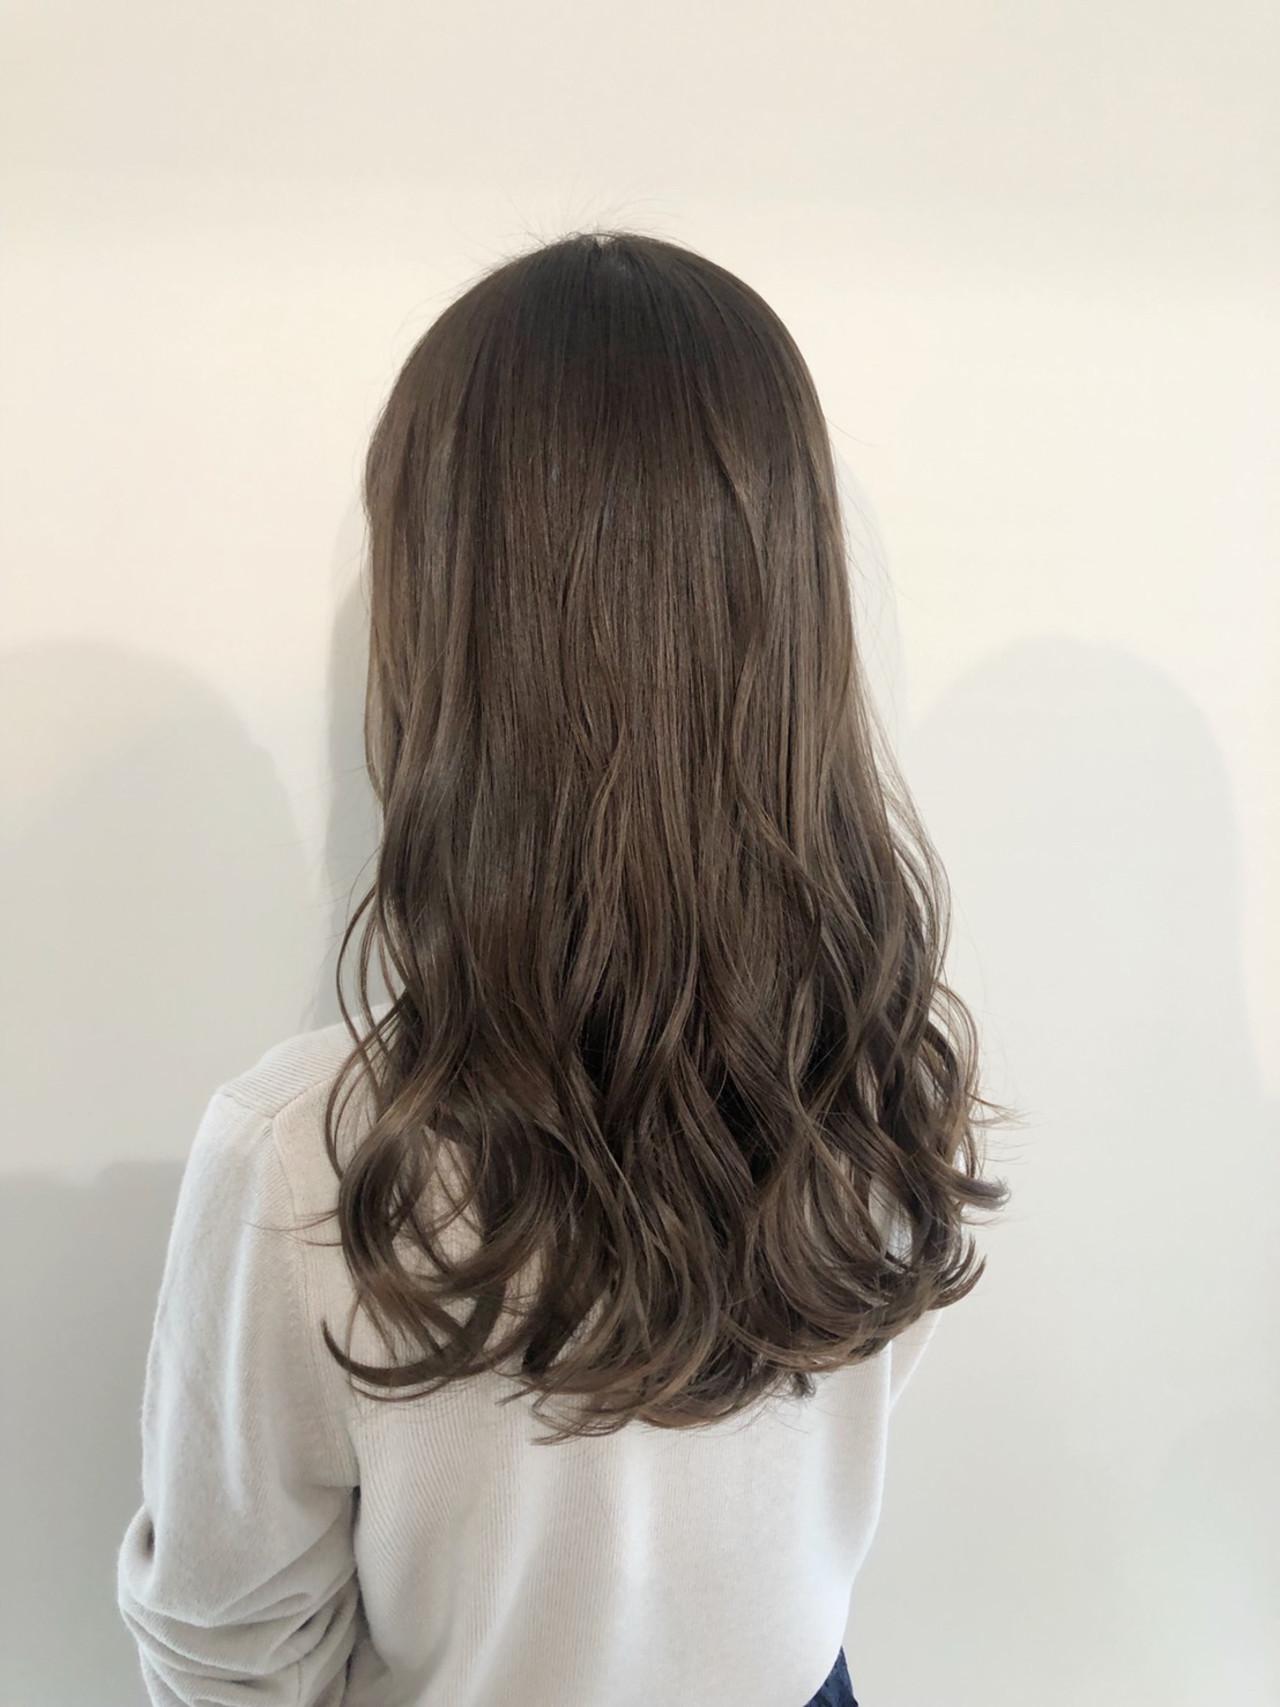 コテ巻き ロング コテ巻き風パーマ アッシュグレージュ ヘアスタイルや髪型の写真・画像